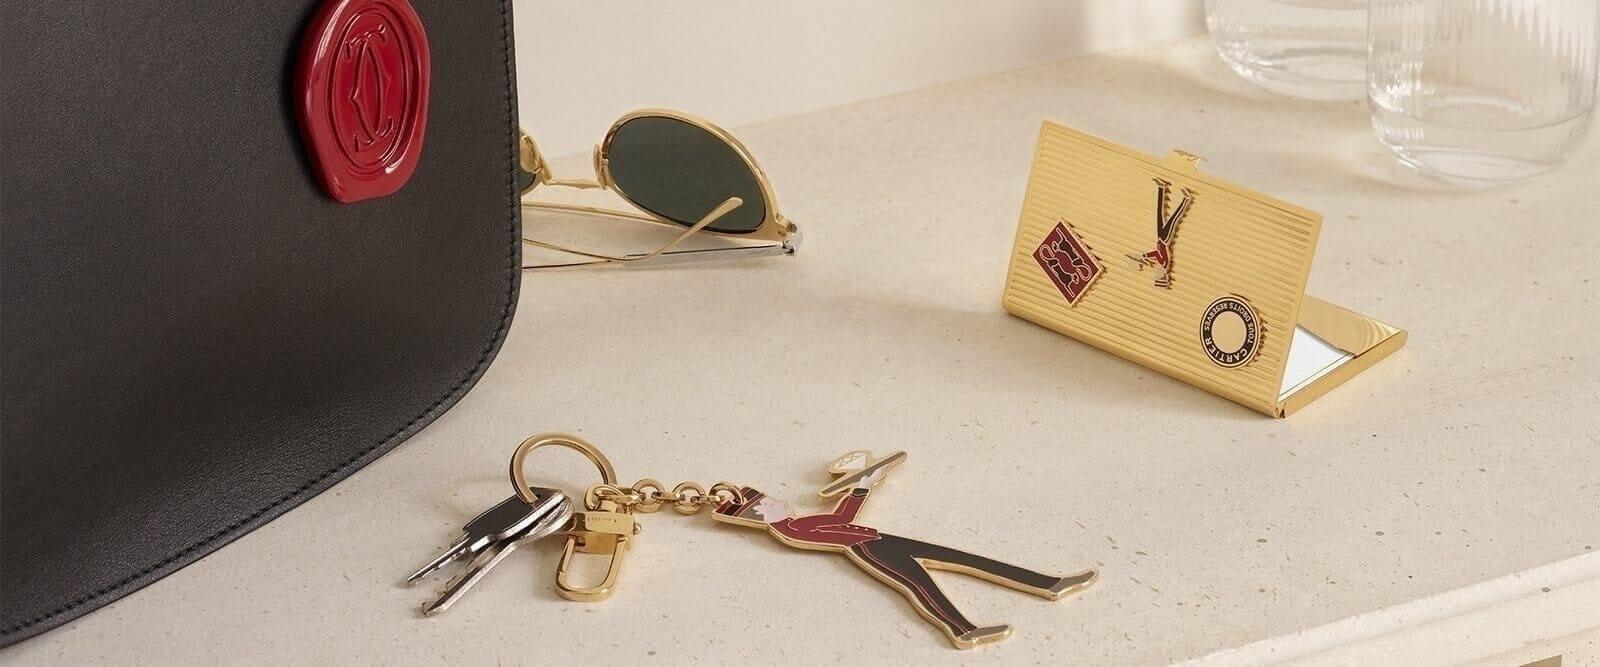 Кольца для ключей & аксессуары для путешествий